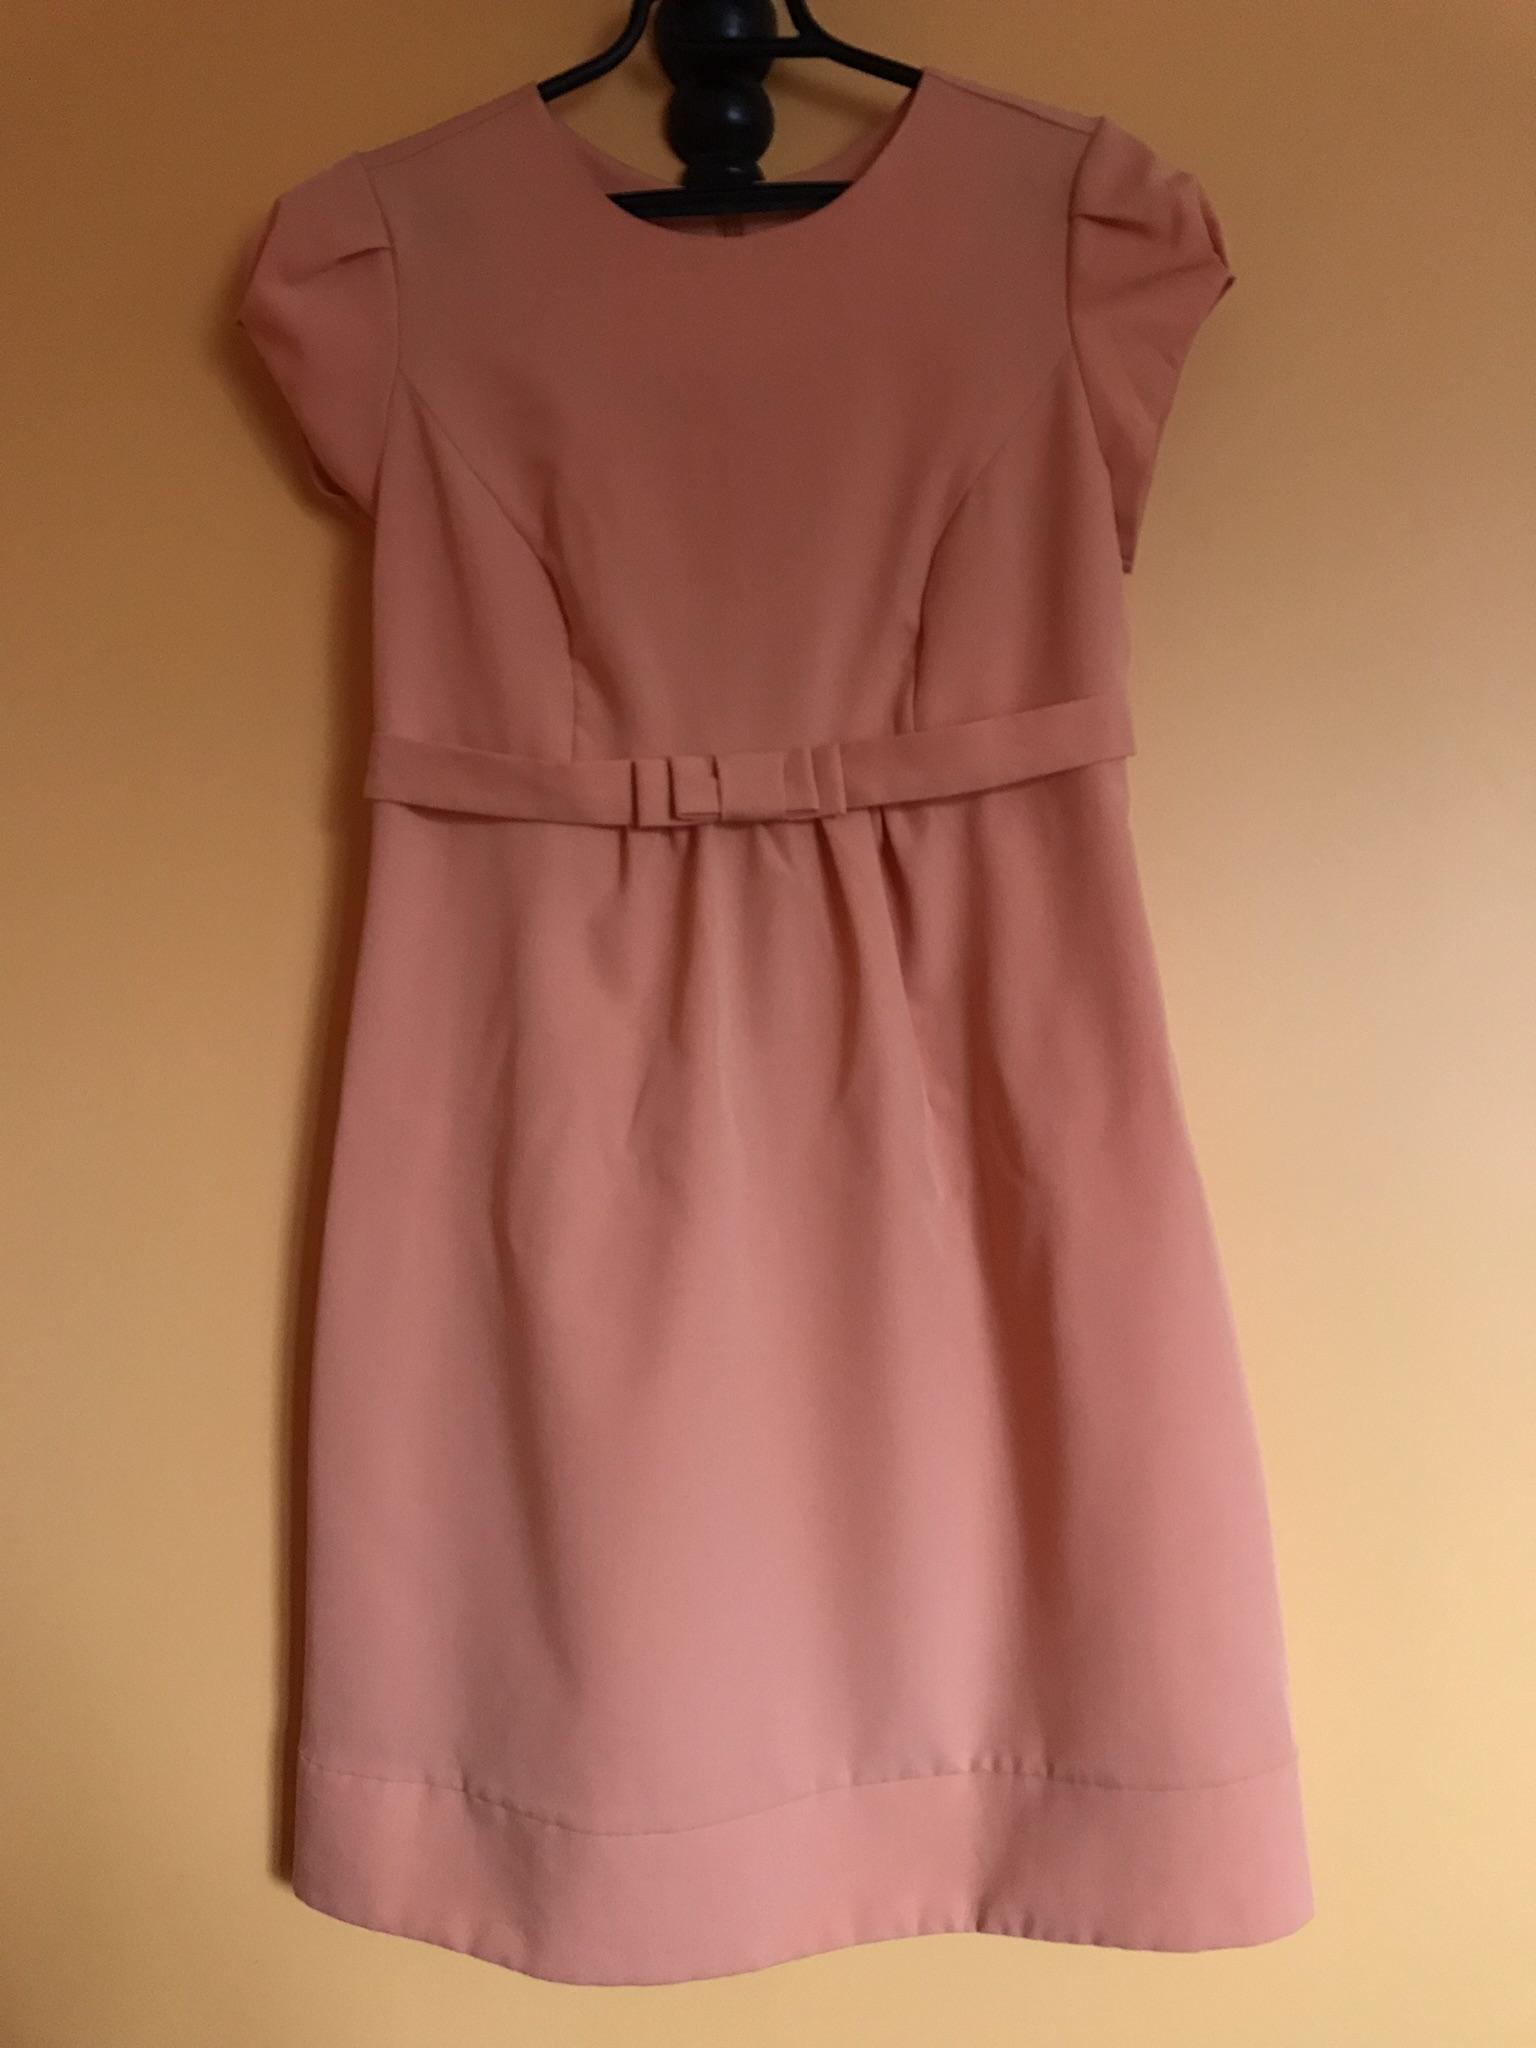 5b5722d0a3 Sukienka pomarańczowa r. 38 M - 7427600426 - oficjalne archiwum allegro